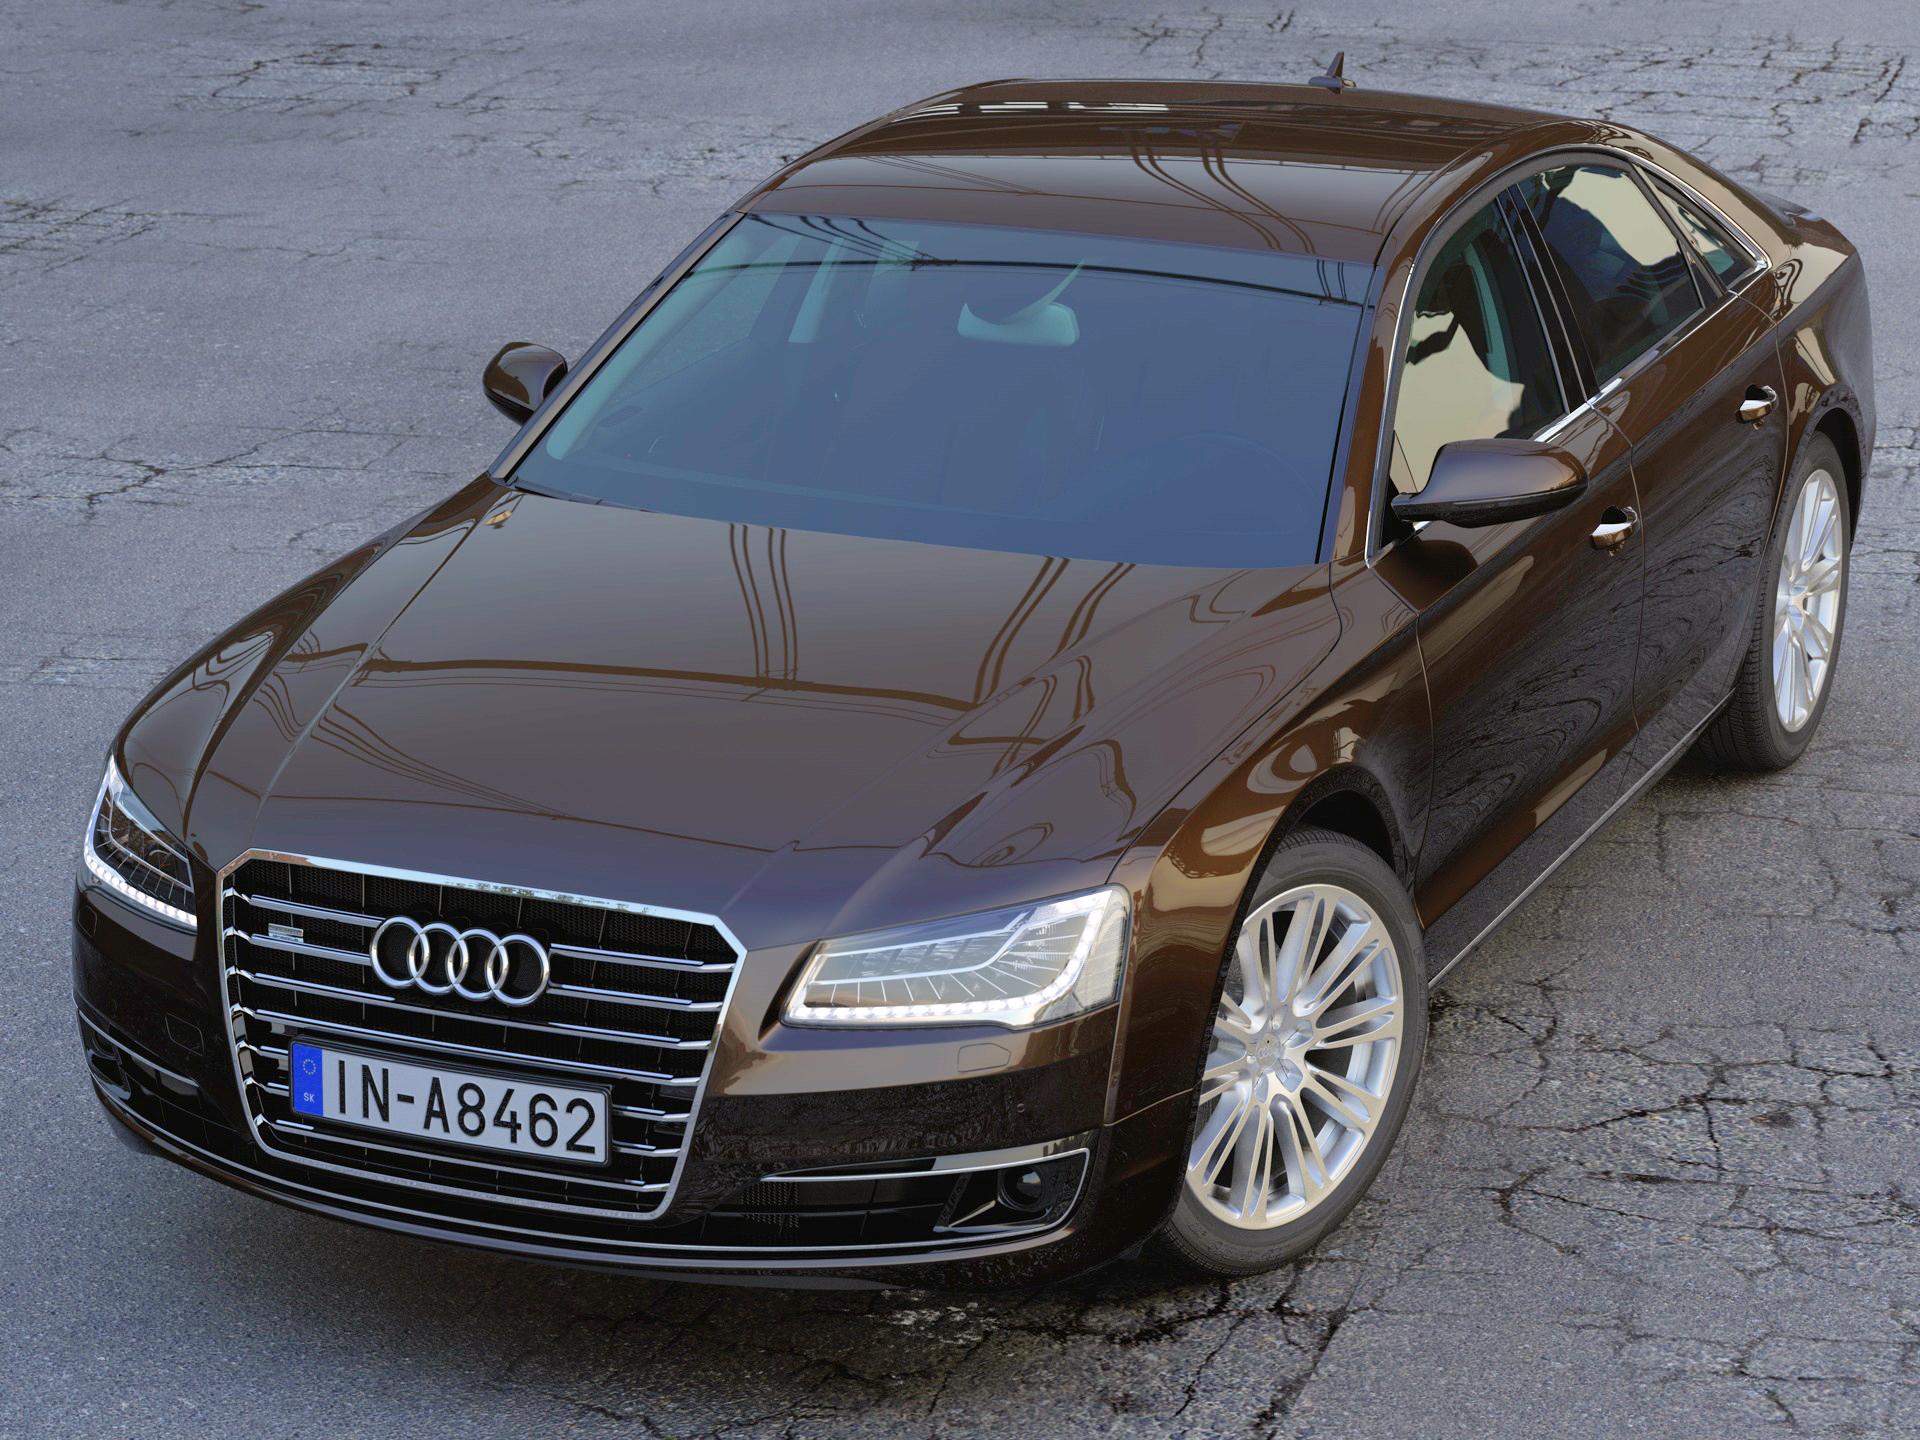 Audi A8 2014 3d model 3ds max fbx c4d obj 213114